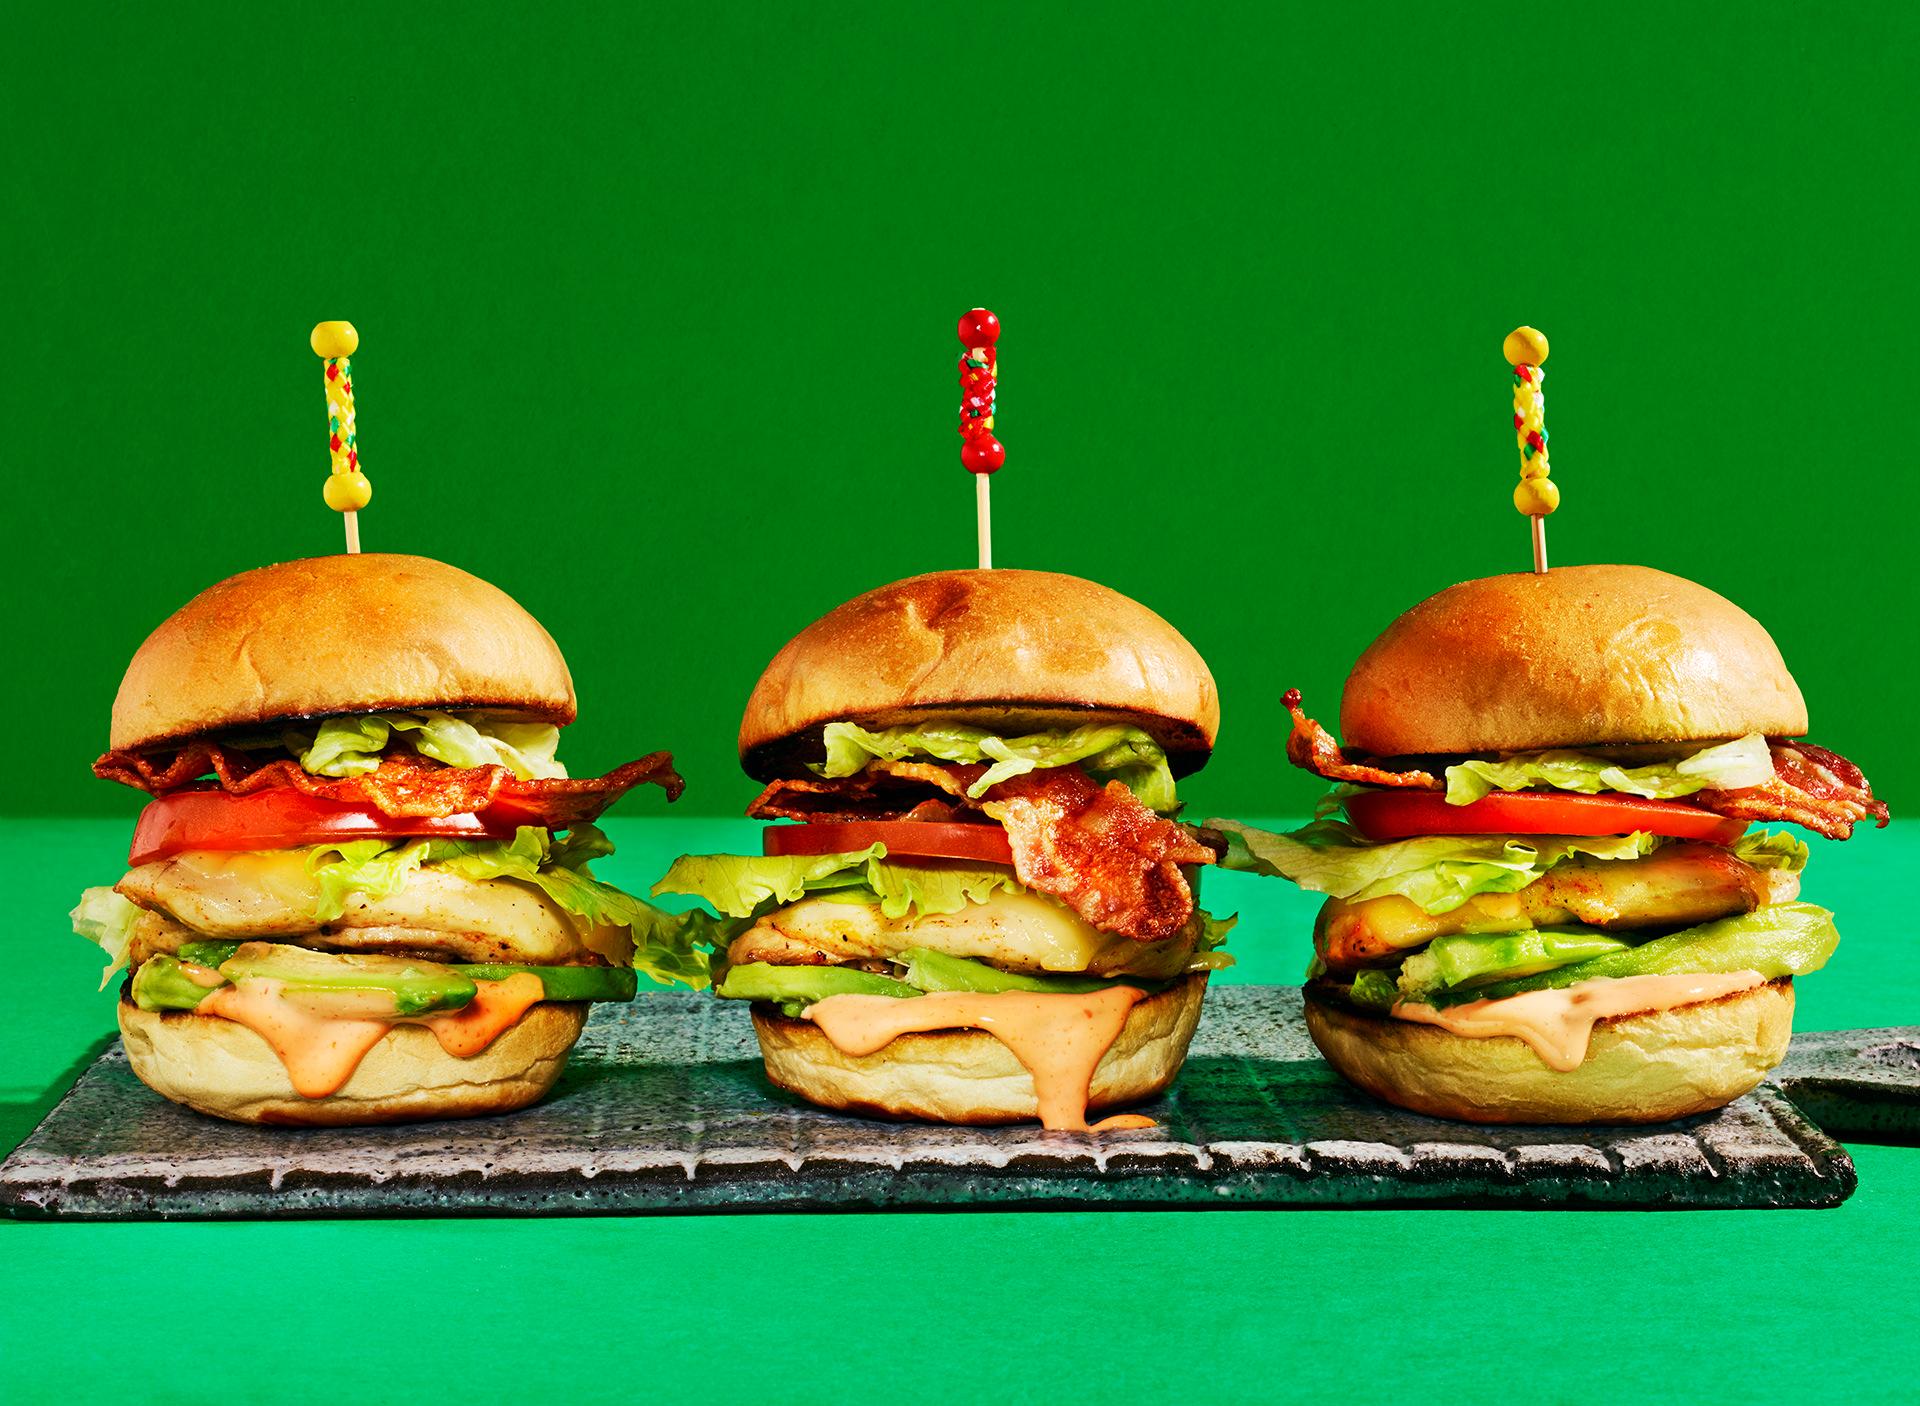 burger-fastfood-lecker